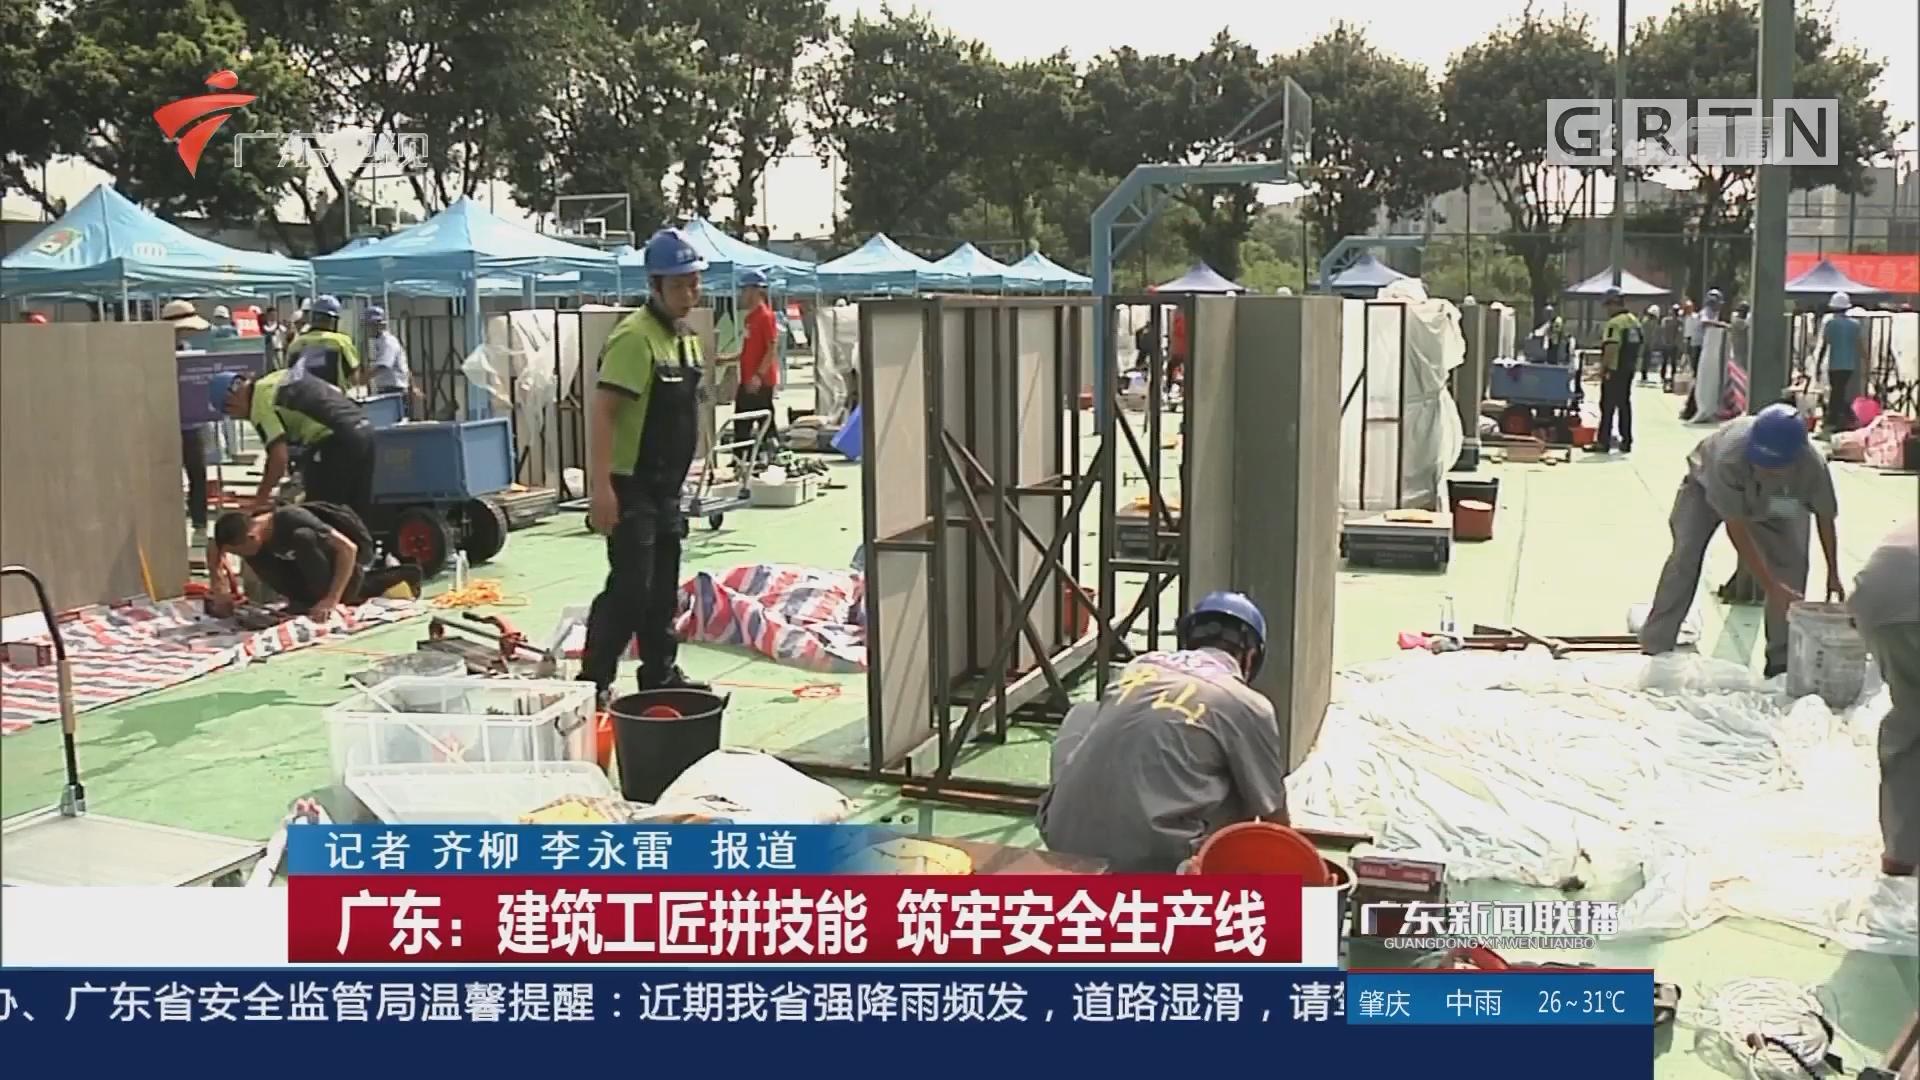 广东:建筑工匠拼技能 筑牢安全生产线